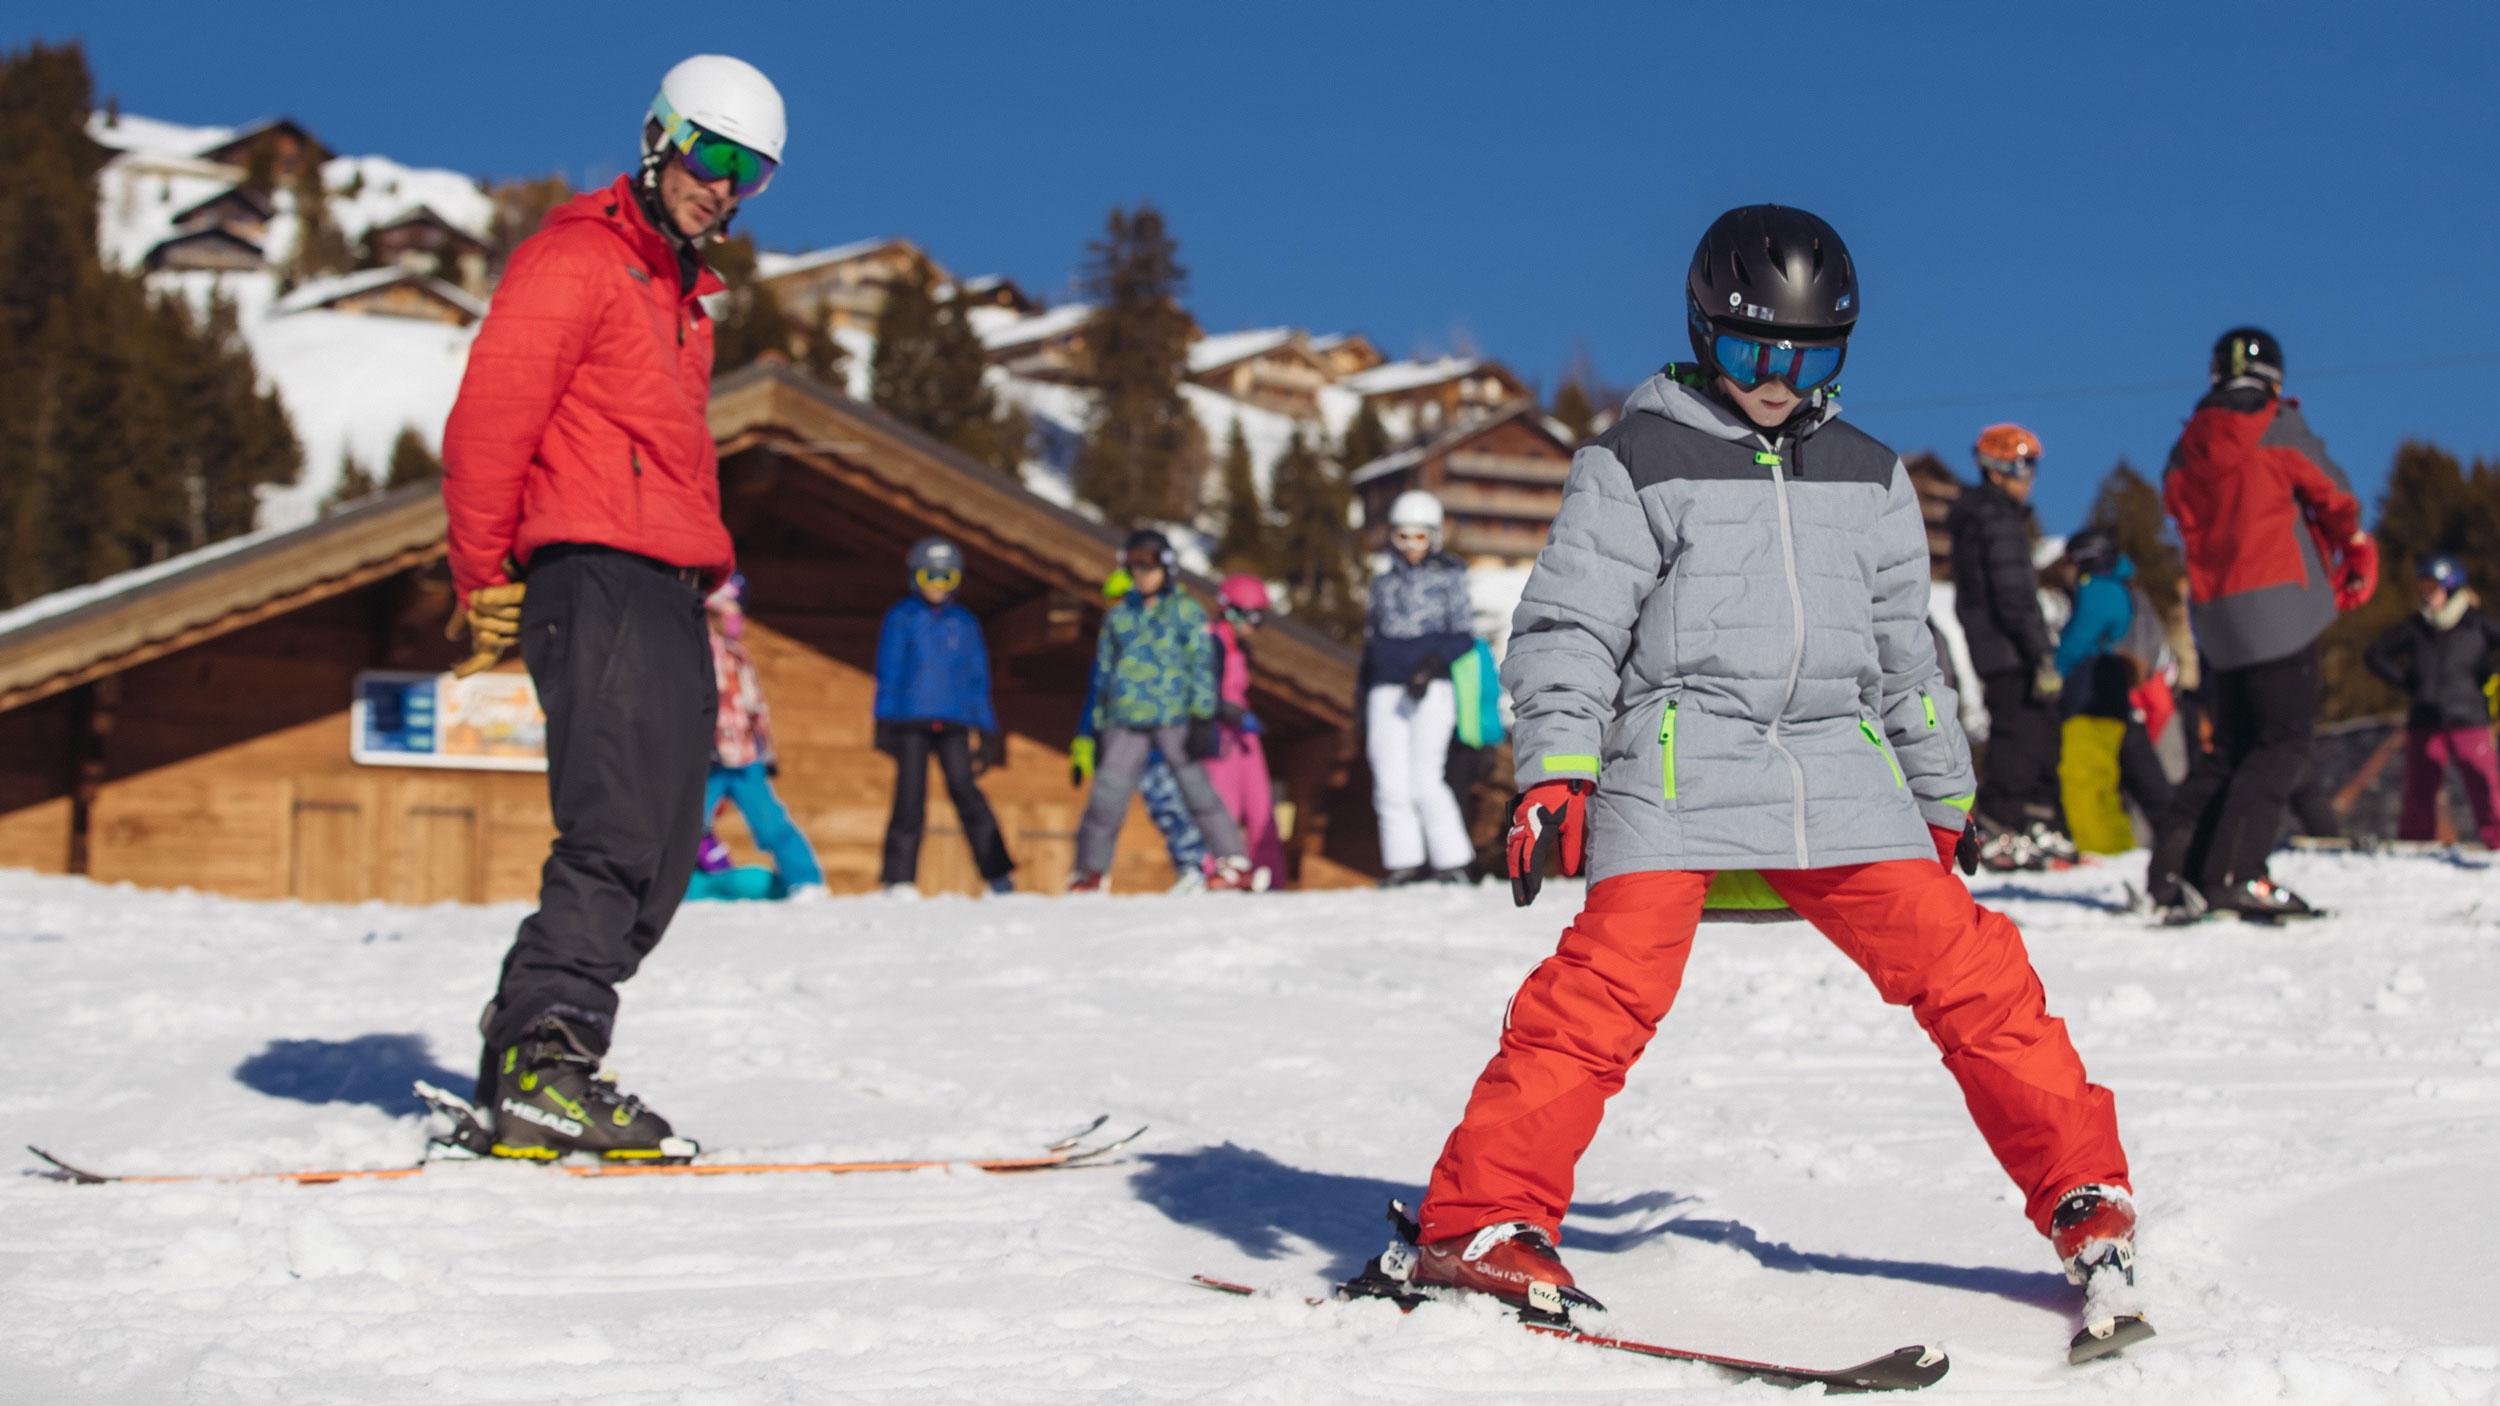 camp-suisse-ski-2500-15.jpg